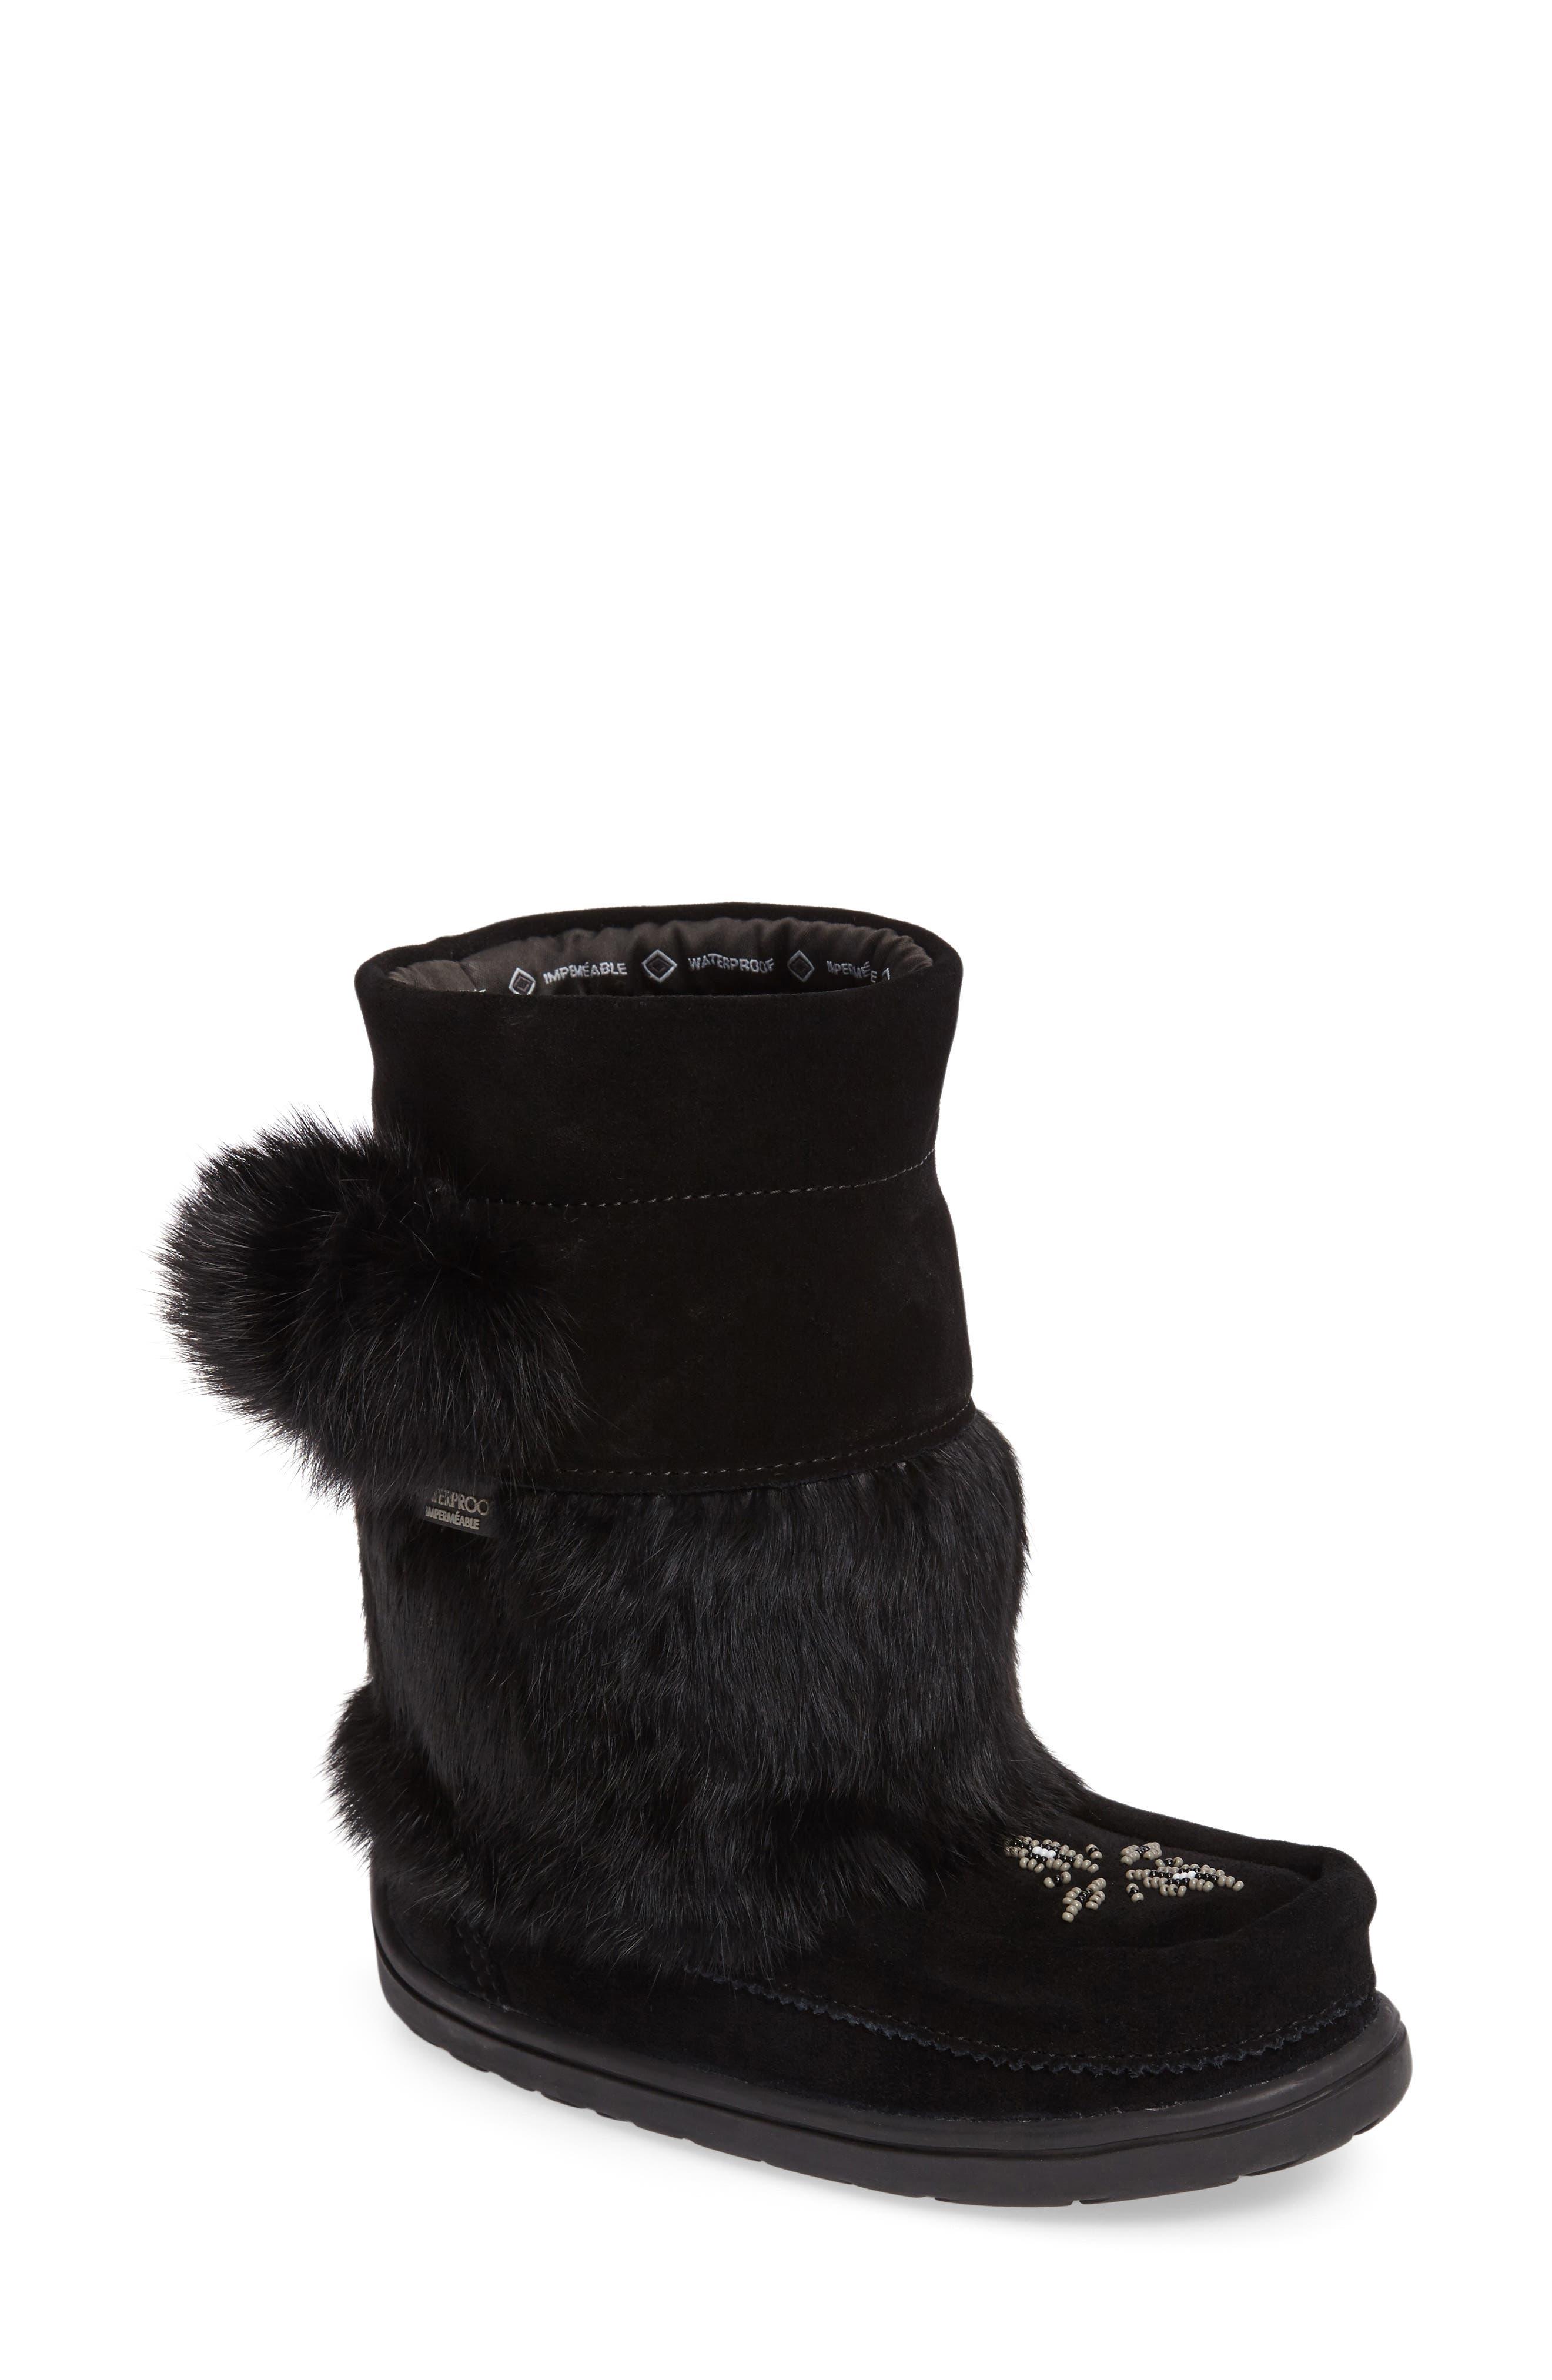 Manitobah Mukluks Snowy Owlet Genuine Fur Waterproof Boot (Walker, Toddler & Little Kid)